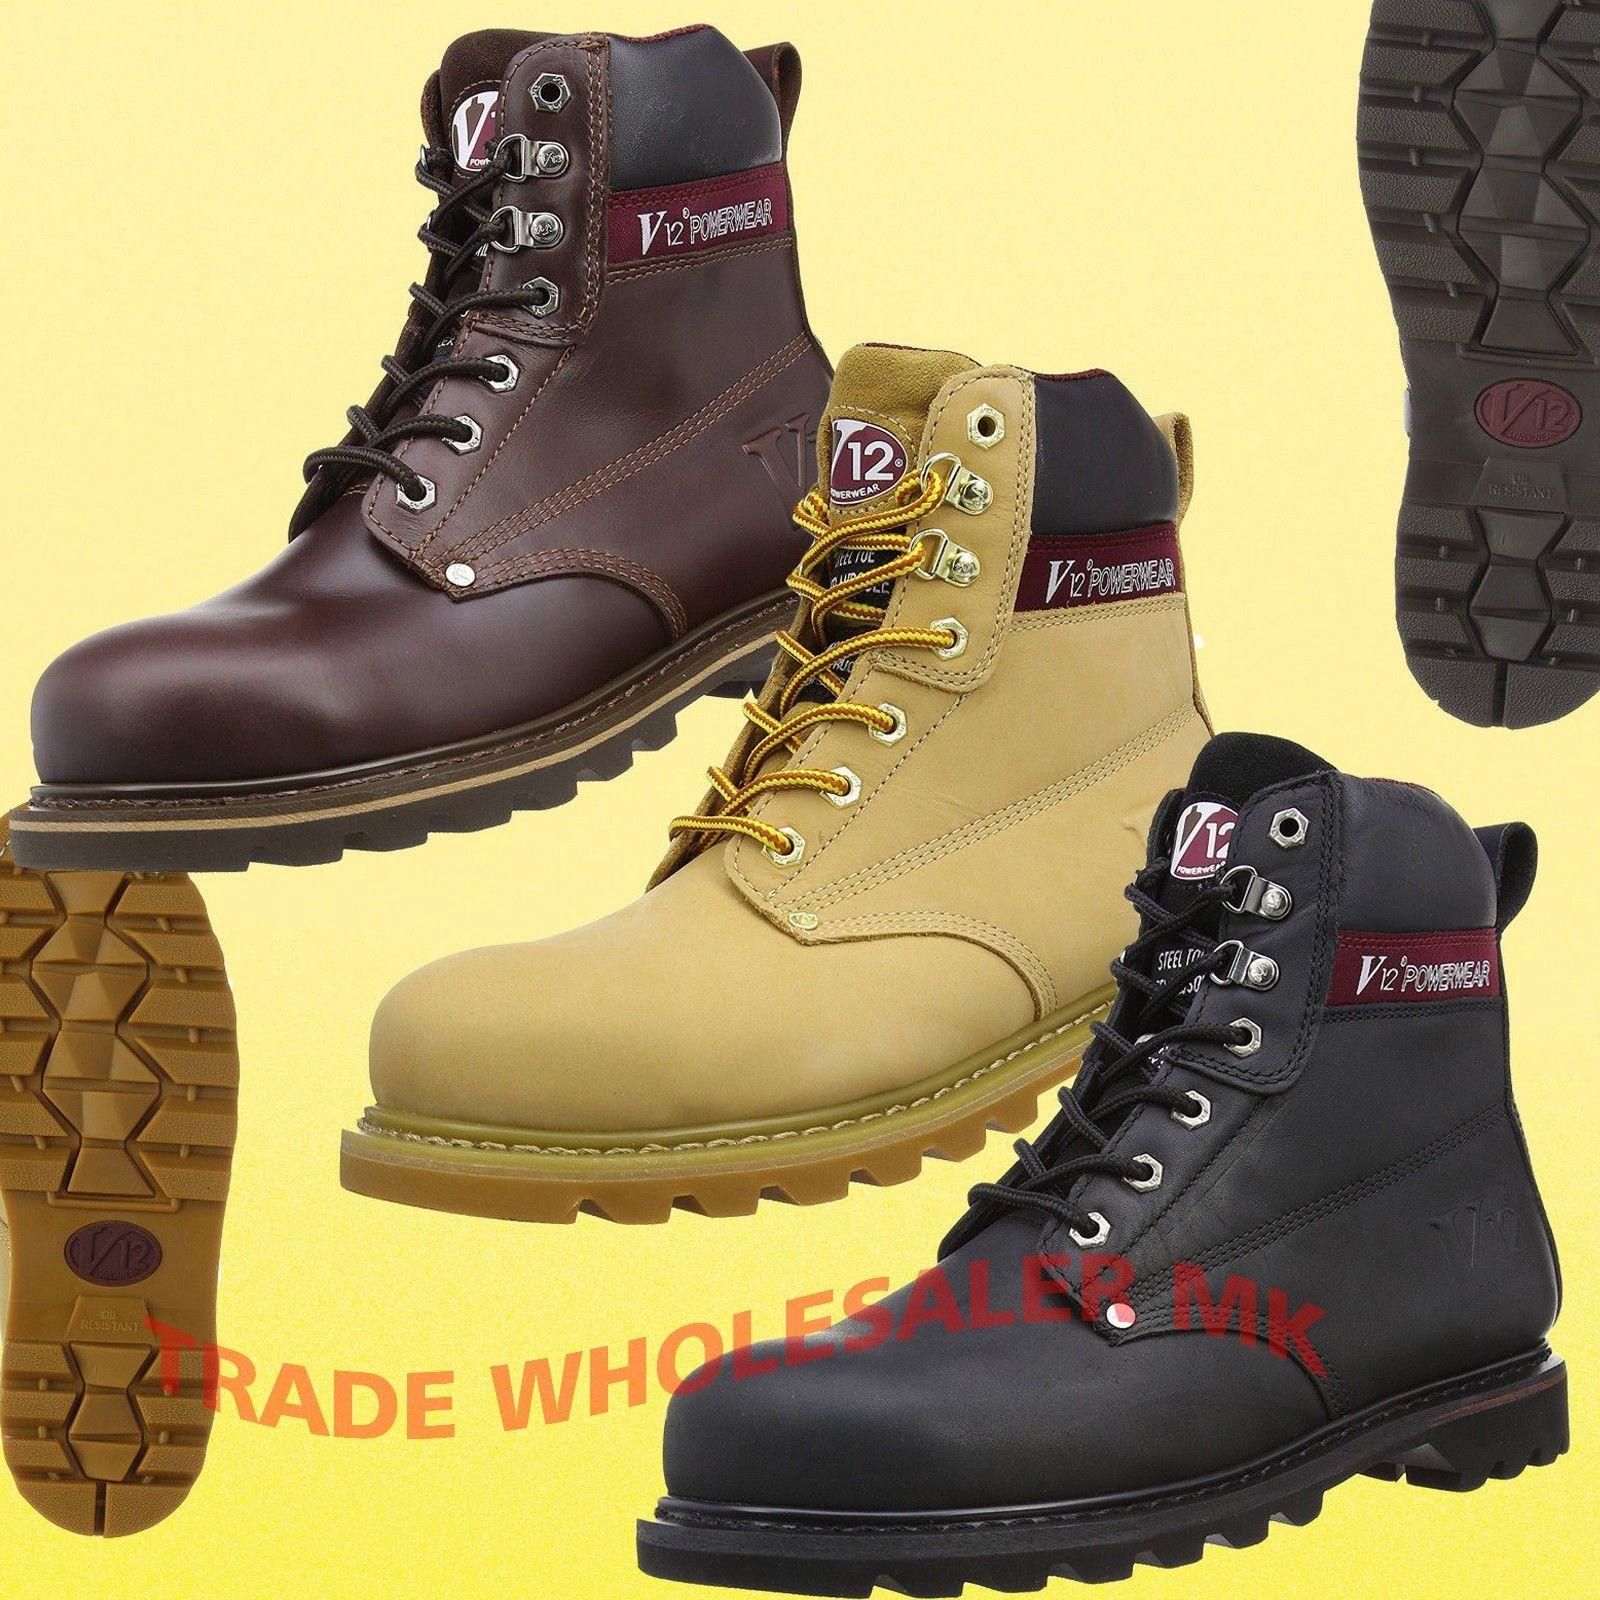 V12 Safety Boots Work Steel Toe Cap /& Steel Mid Sole PPE Black//Brown Boulder